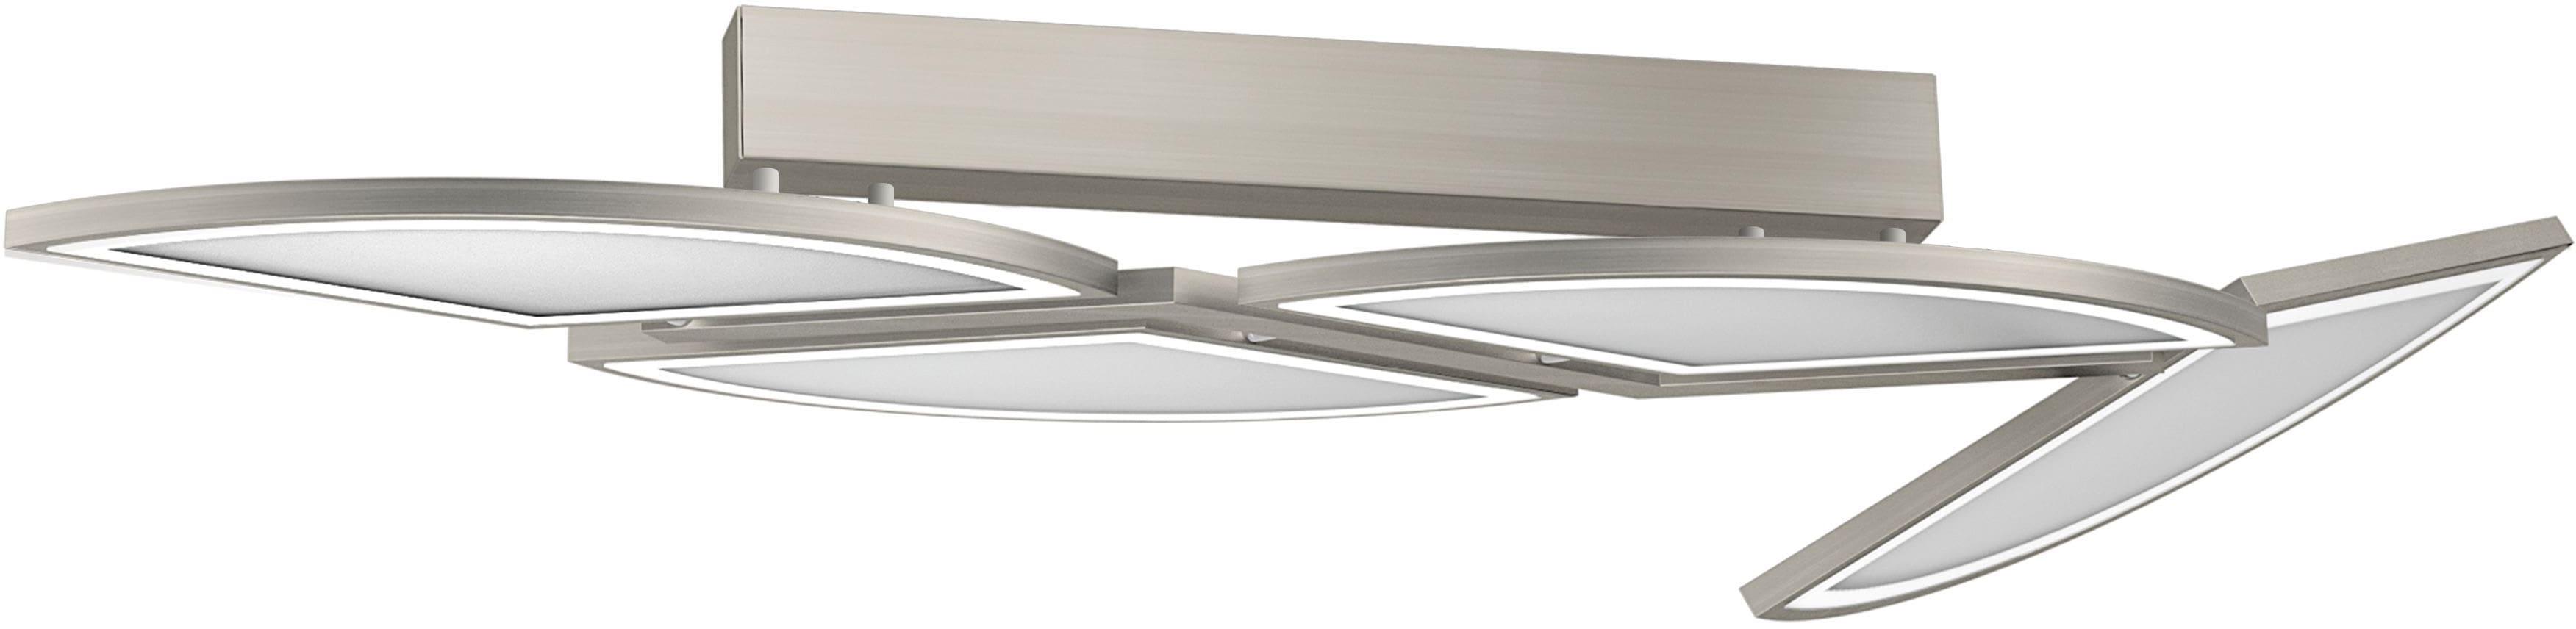 EVOTEC LED Deckenleuchte MOVIL, LED-Board, Neutralweiß-Tageslichtweiß-Warmweiß-Kaltweiß, LED Deckenlampe